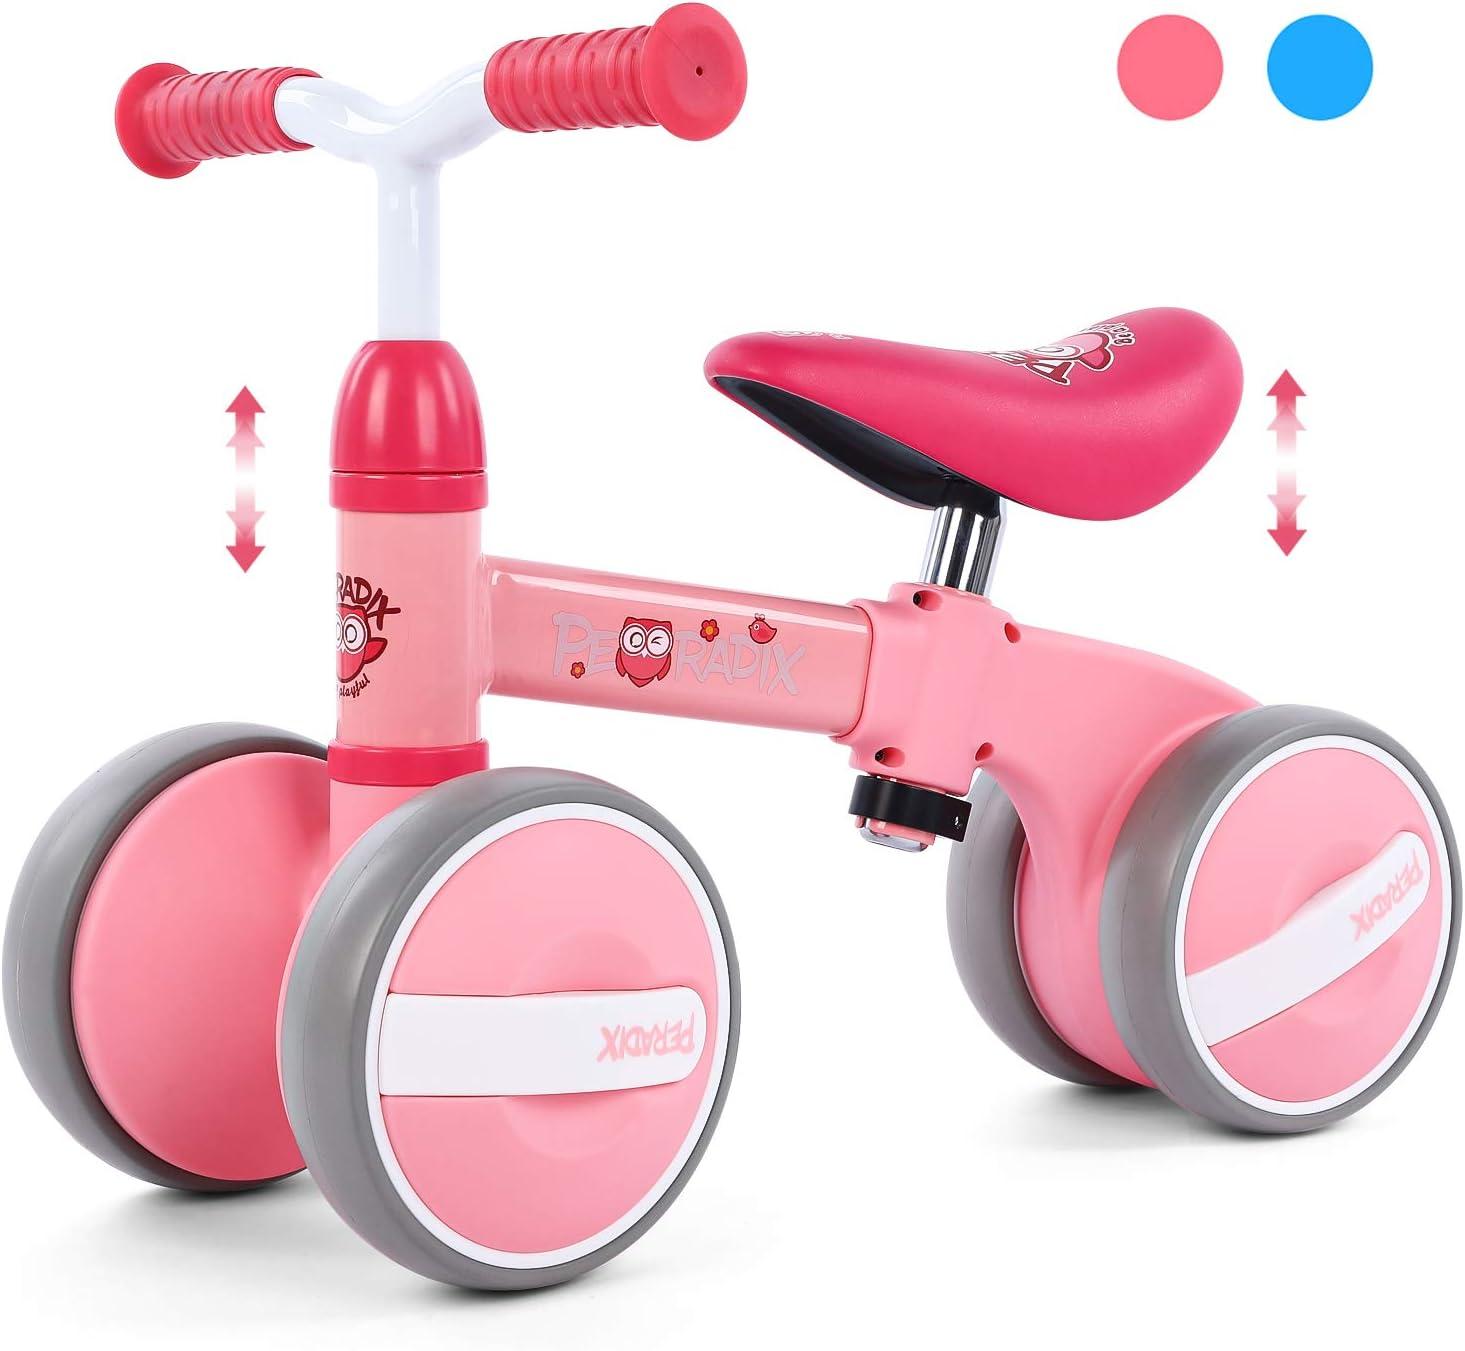 Peradix Bicicleta Sin Pedales para Niños y Niñas Bici Bebe,Bicicletas Bebe sin Pedales,Bicicleta Bebe 1 año,Bicicleta Bebe 1 año Pedales de Forma Favorito del Niño